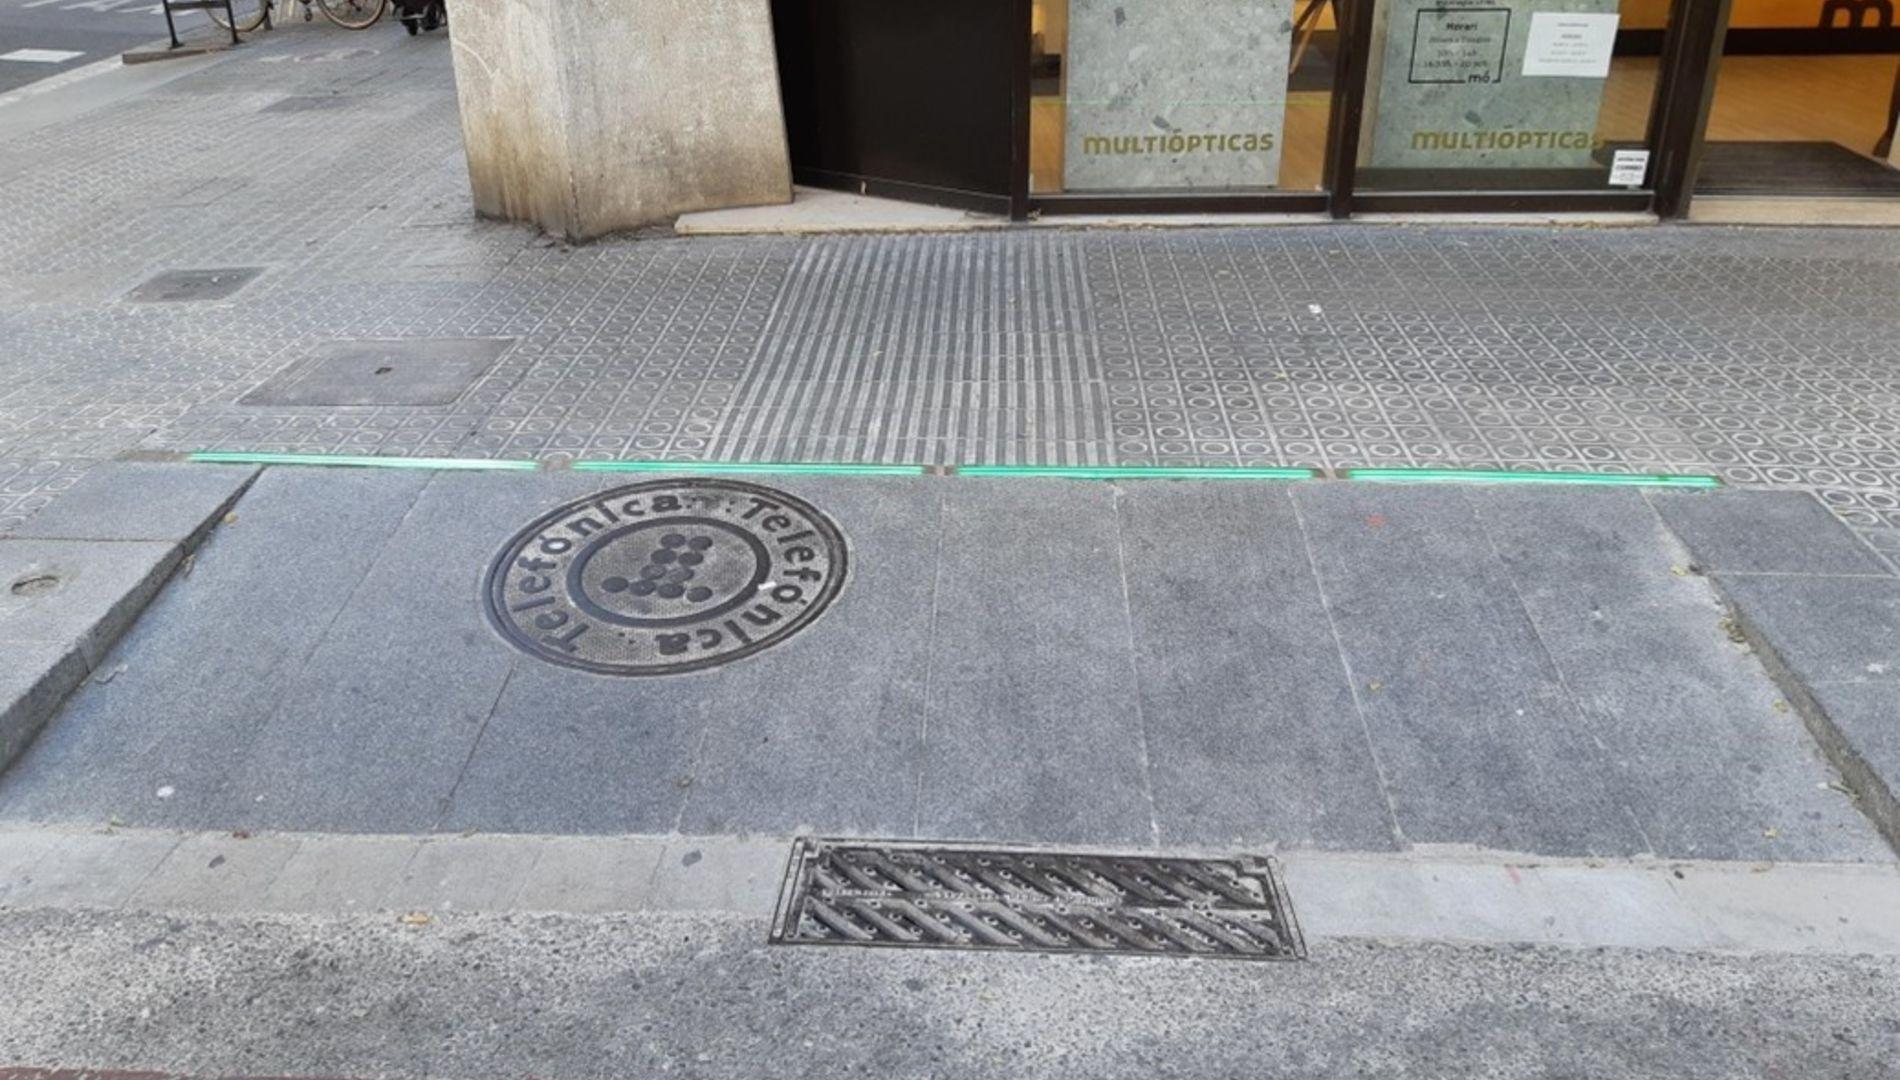 Semafor paviment